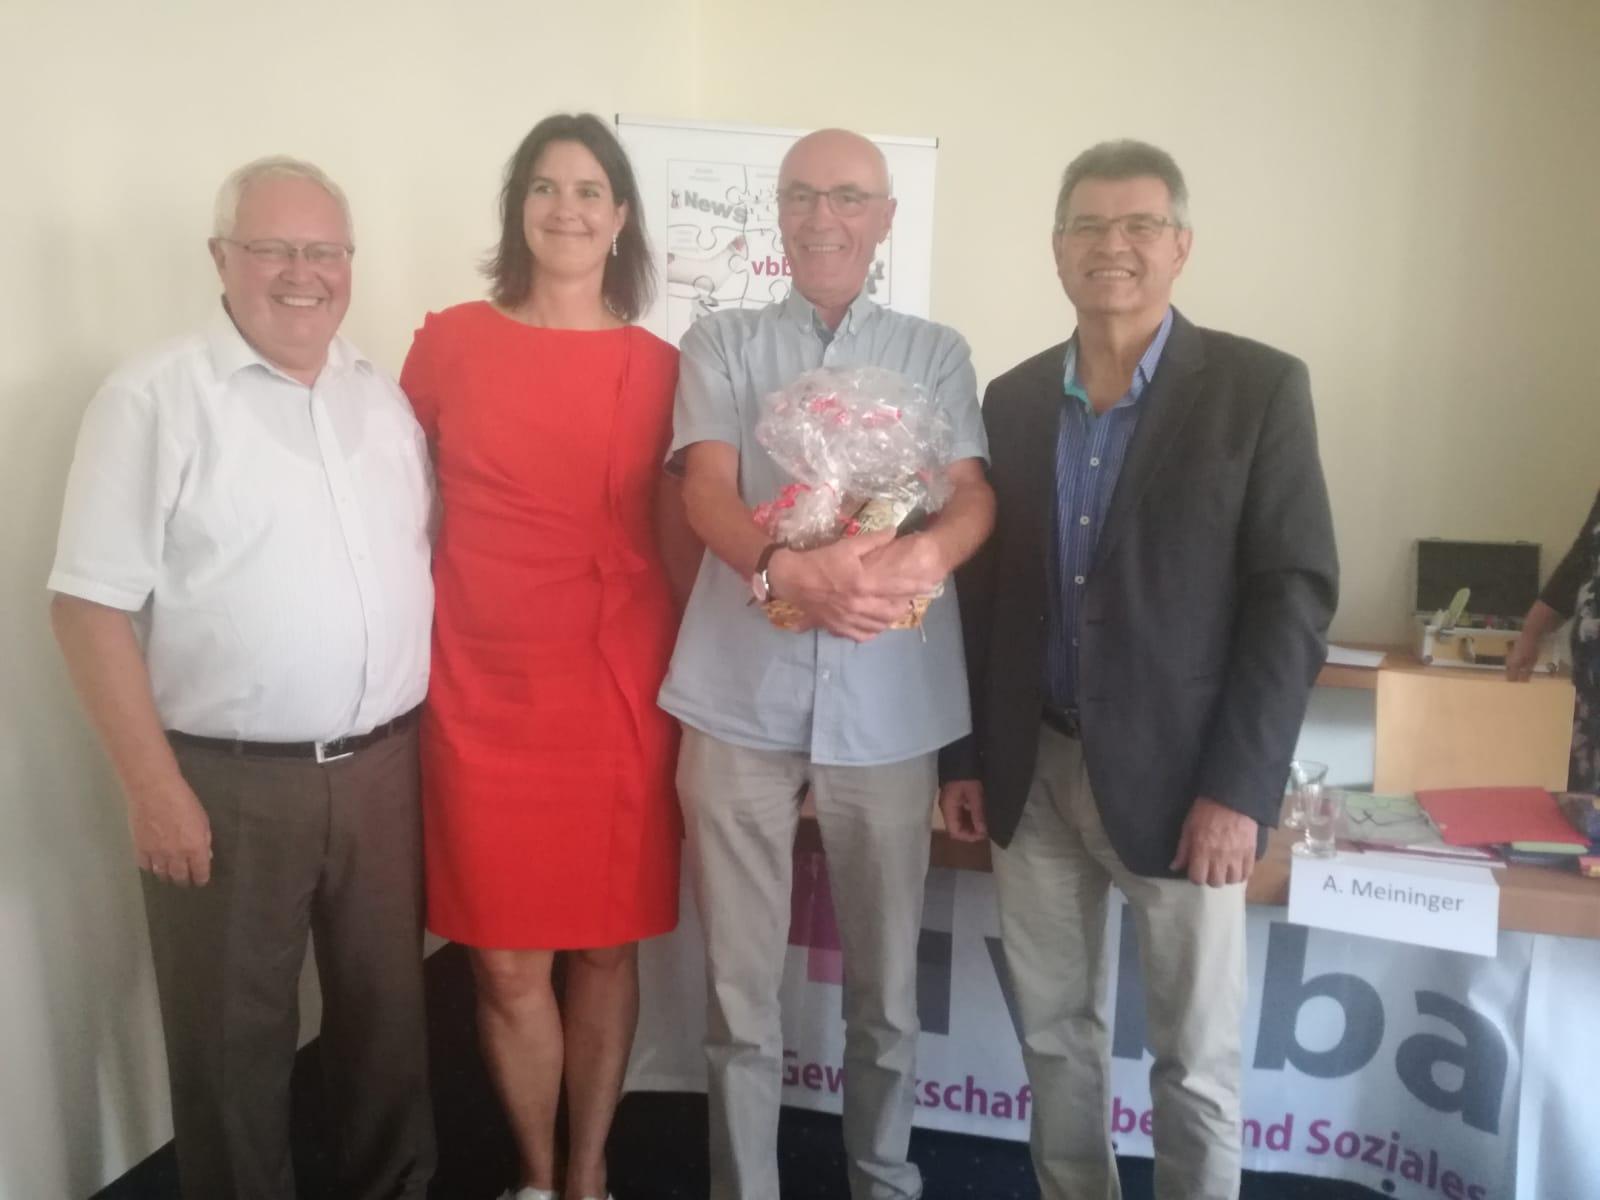 Cosima Eberius und Waldemar Dombrowski danken Otmar Schad für sein langjähriges Ehrenamt als Schriftführer im LV. Axel Lehmann LV a.D. spricht ebenfalls seinen Dank aus.